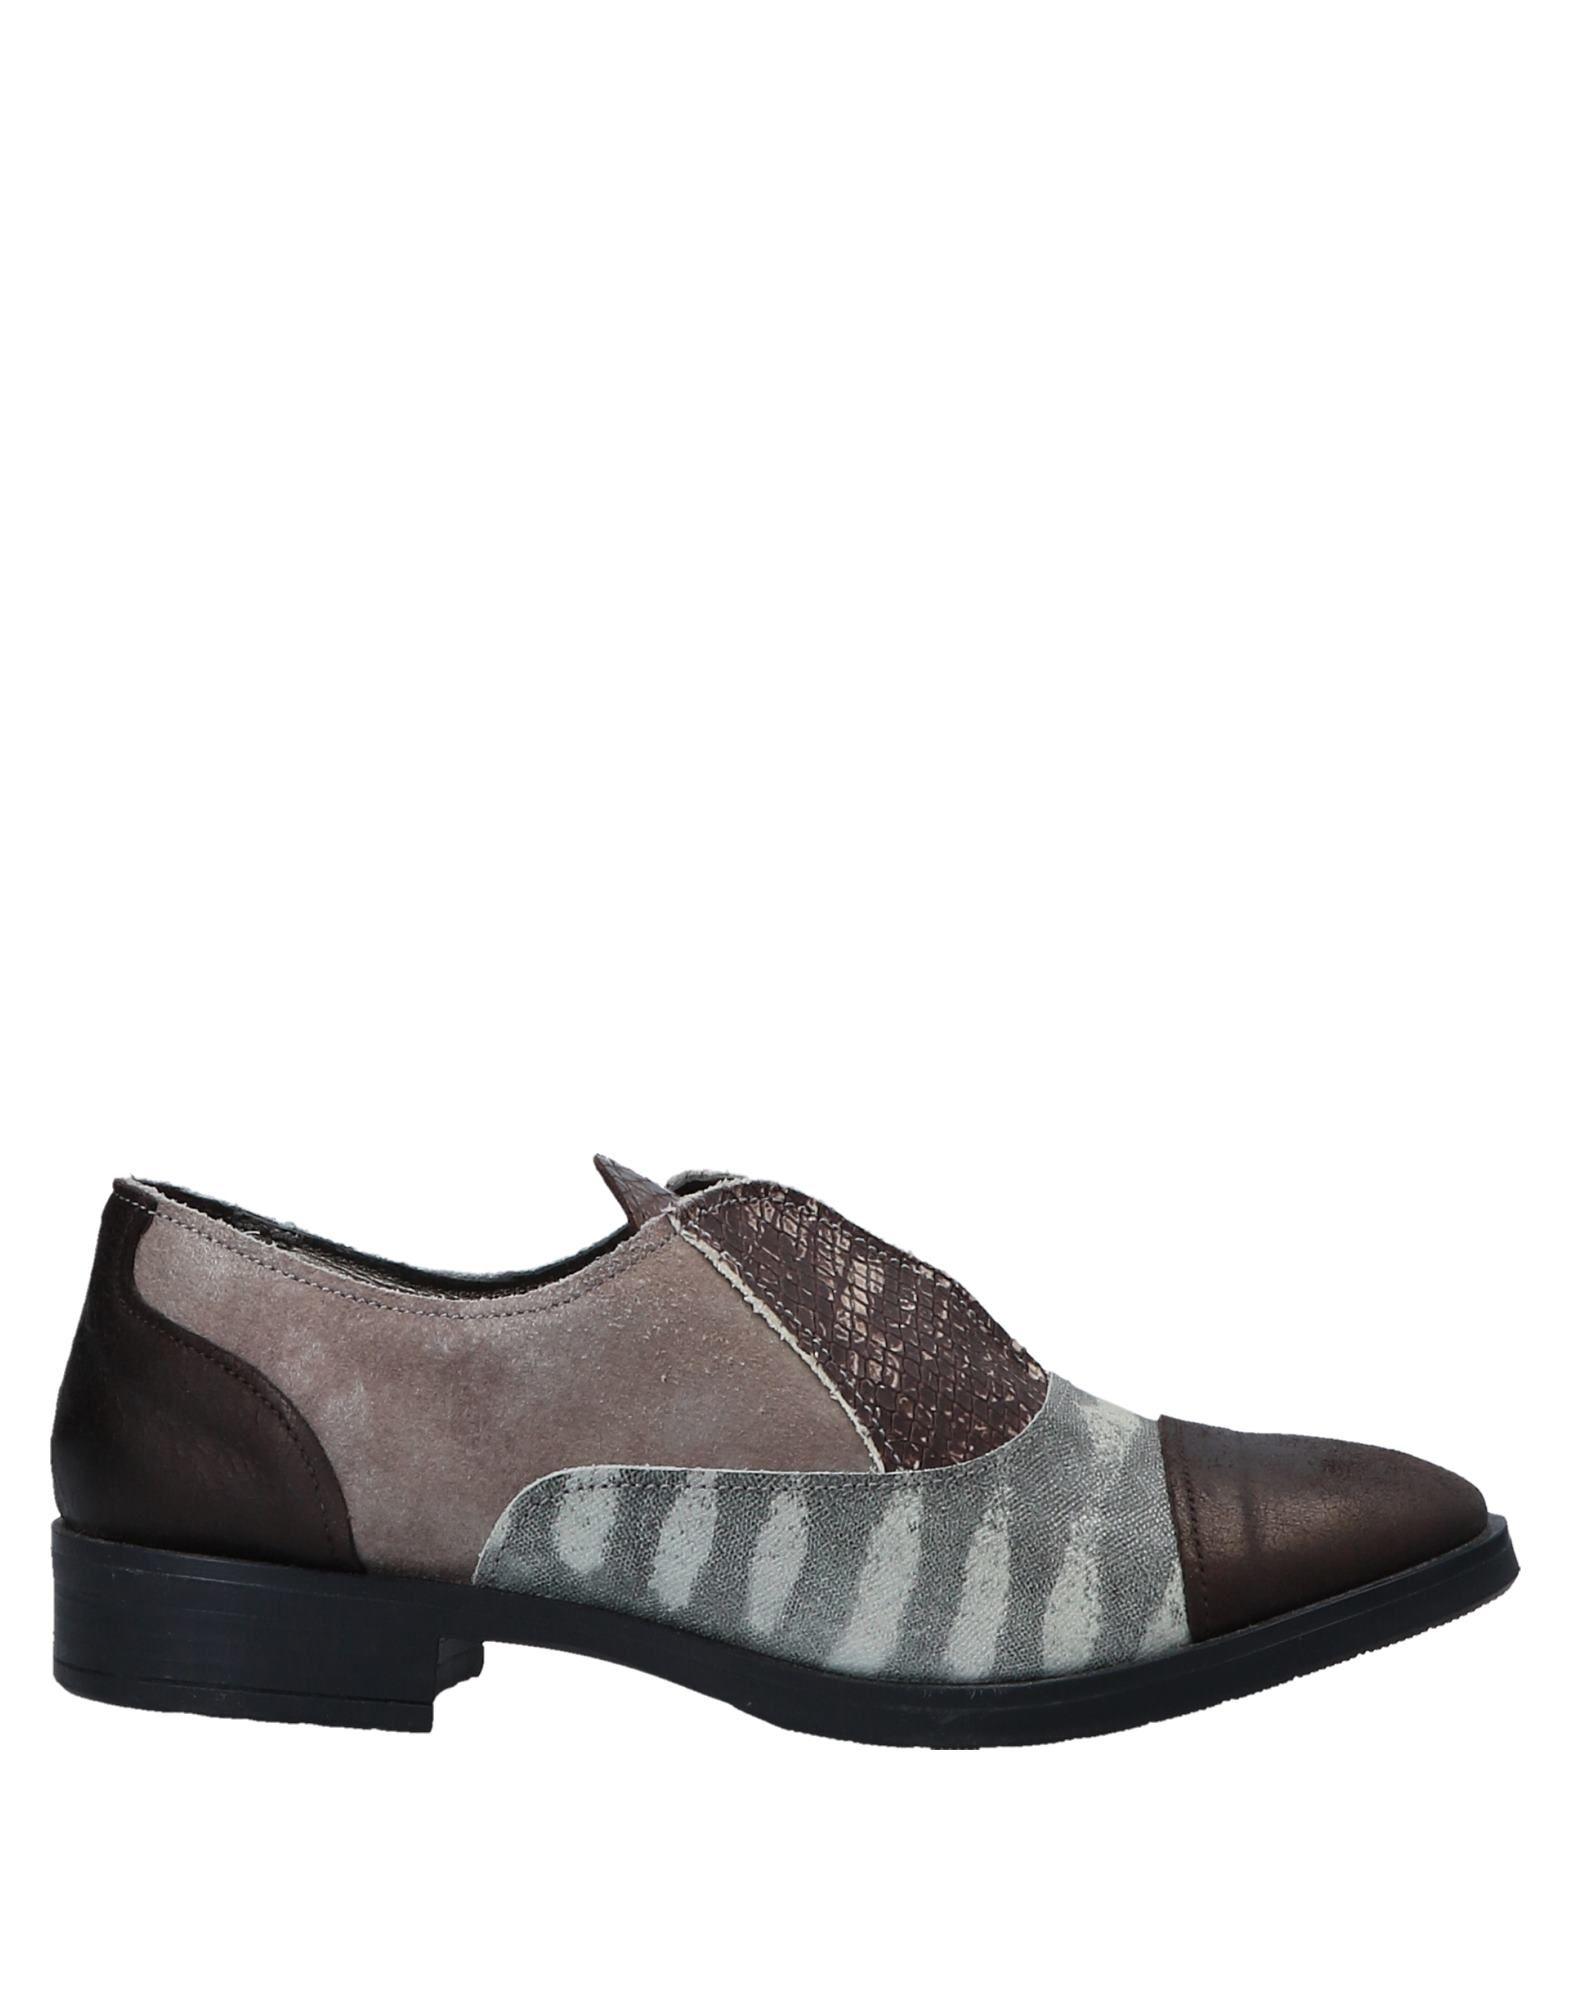 Sneakers Mizuno Donna e - 11481416SX Nuove offerte e Donna scarpe comode 802891